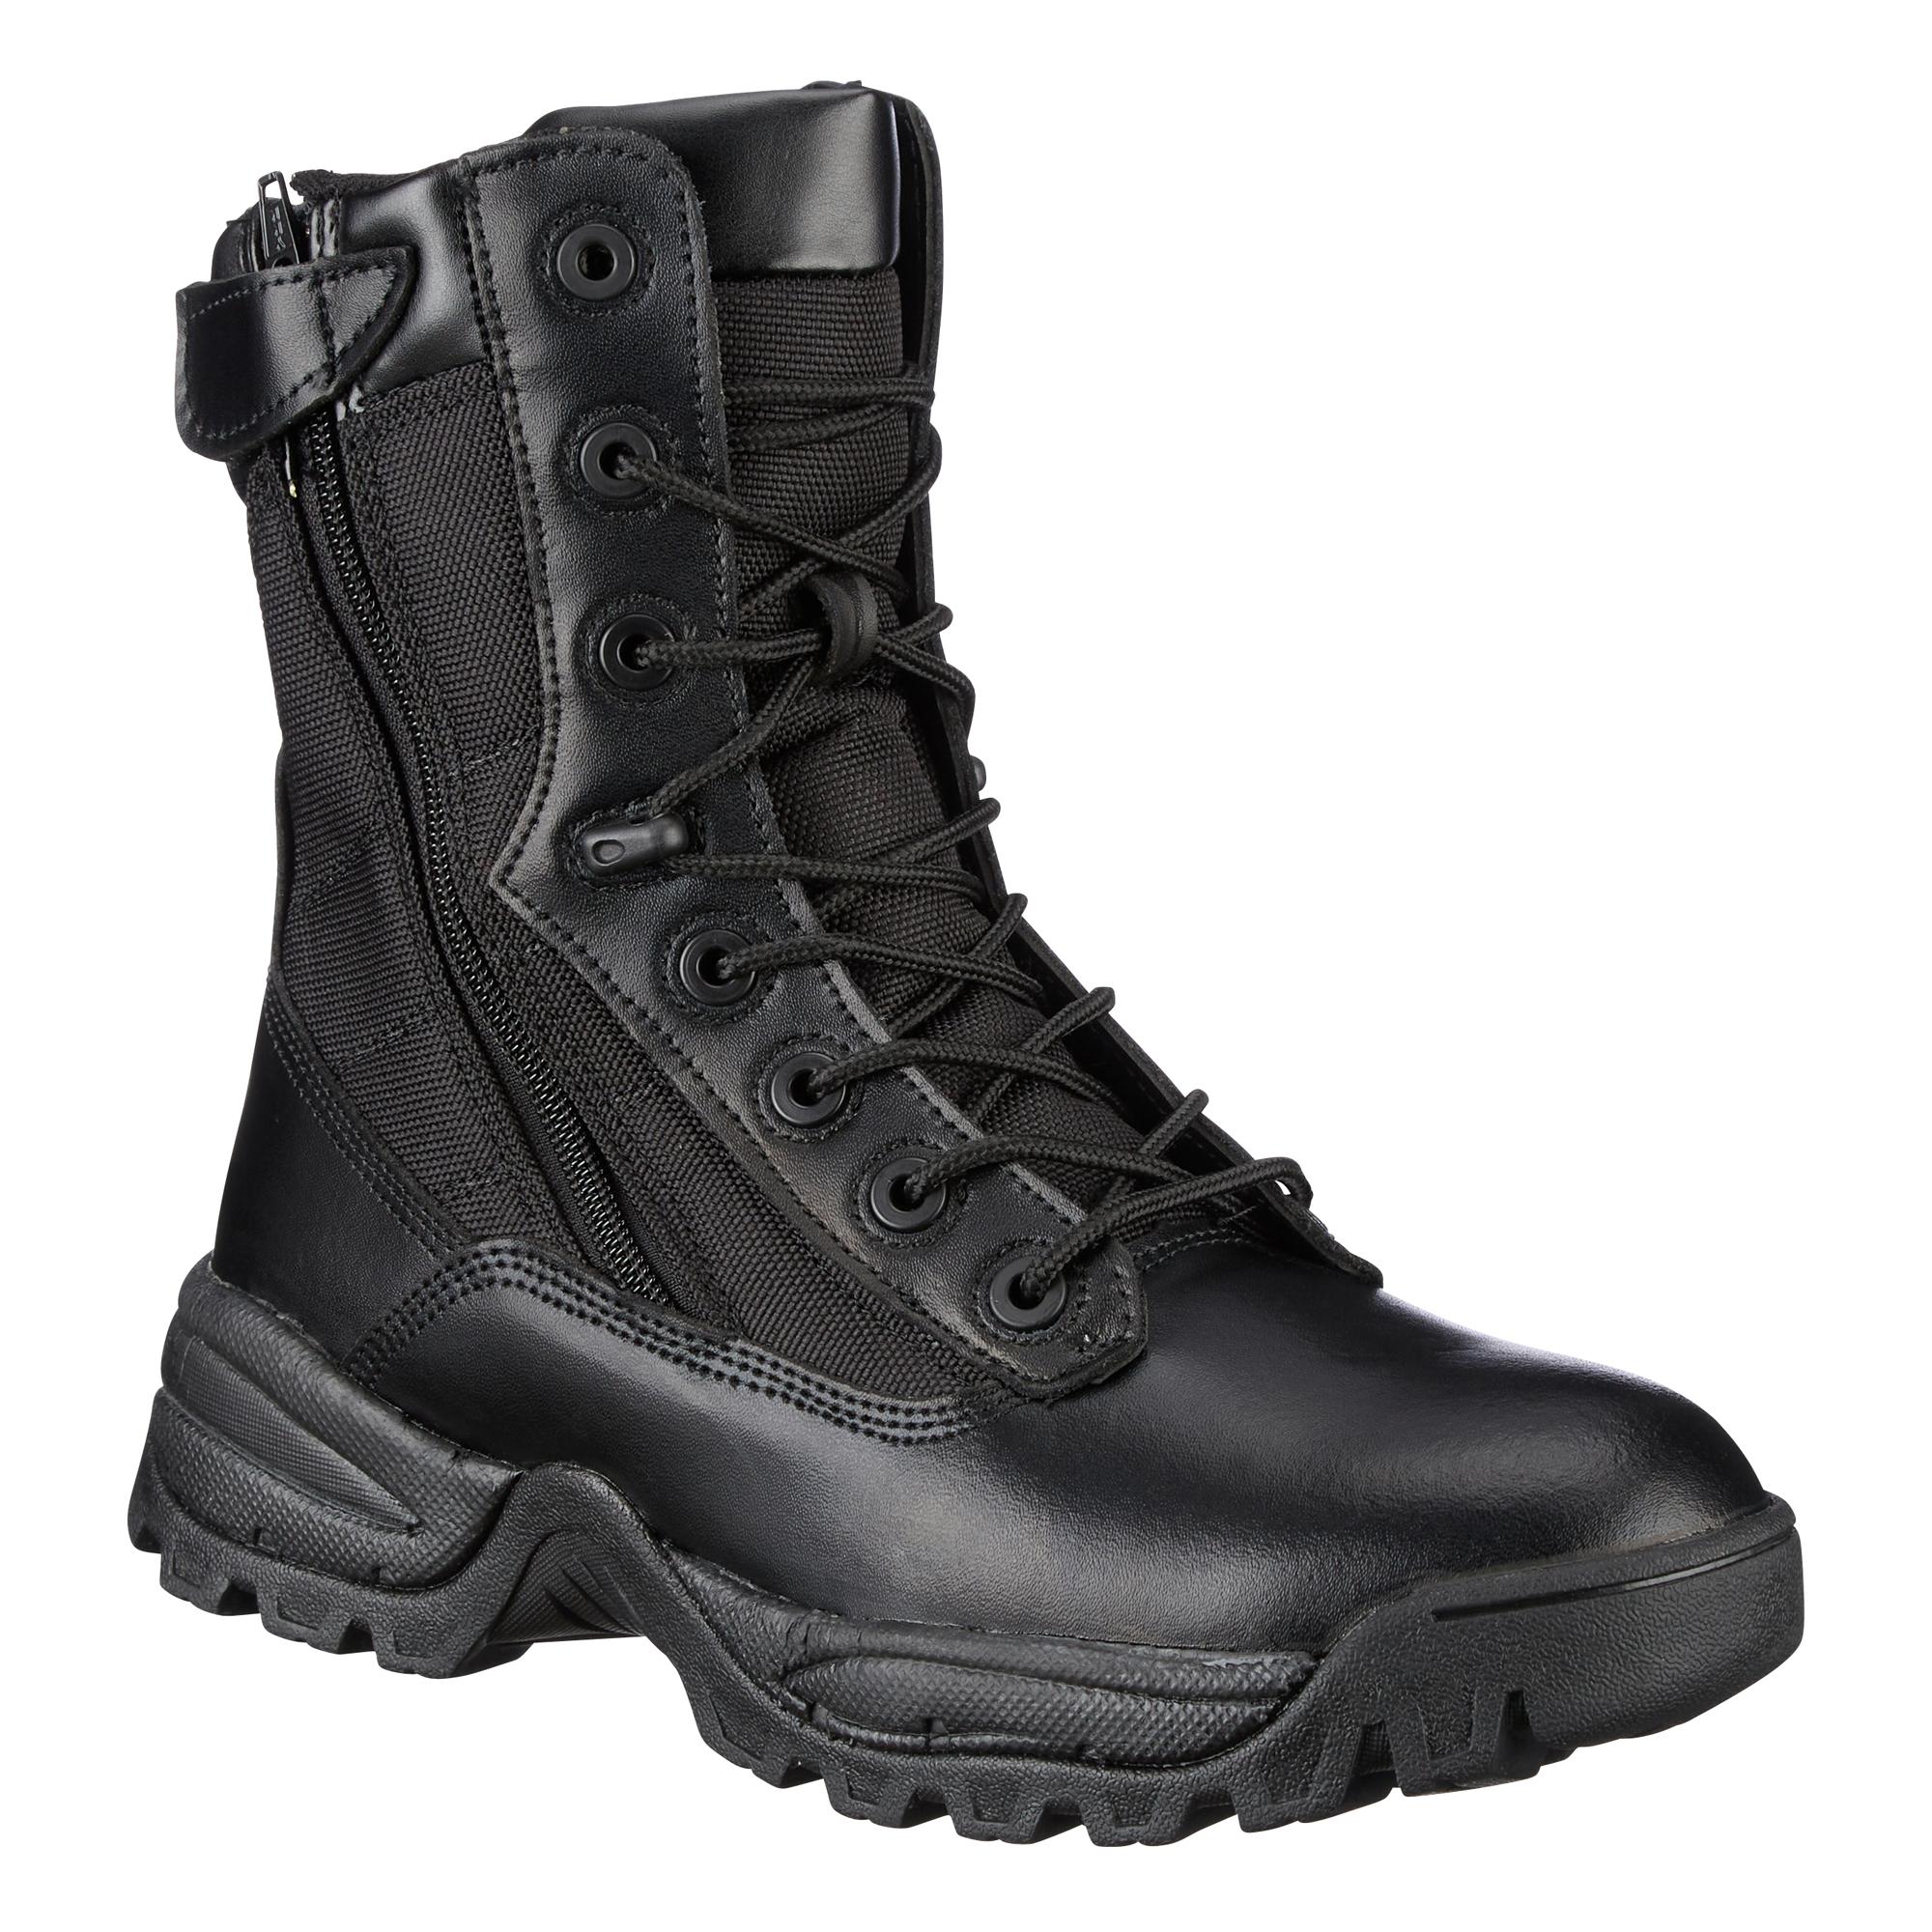 Tactical Boots Two-Zip Mil-Tec schwarz